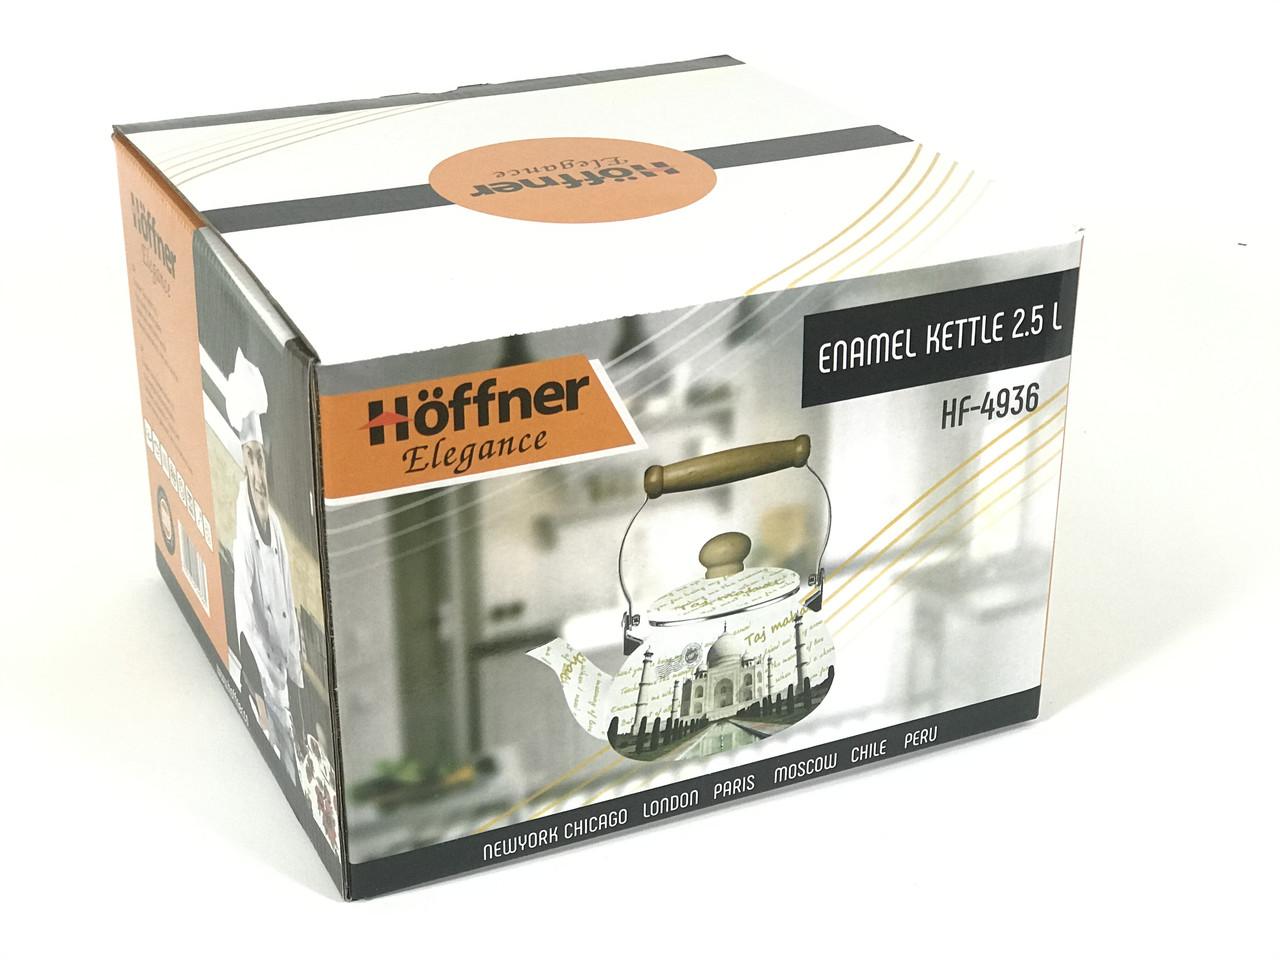 Эмалированный чайник Hoffner 4936 Good life 2,5 литра c деревянной ручкой